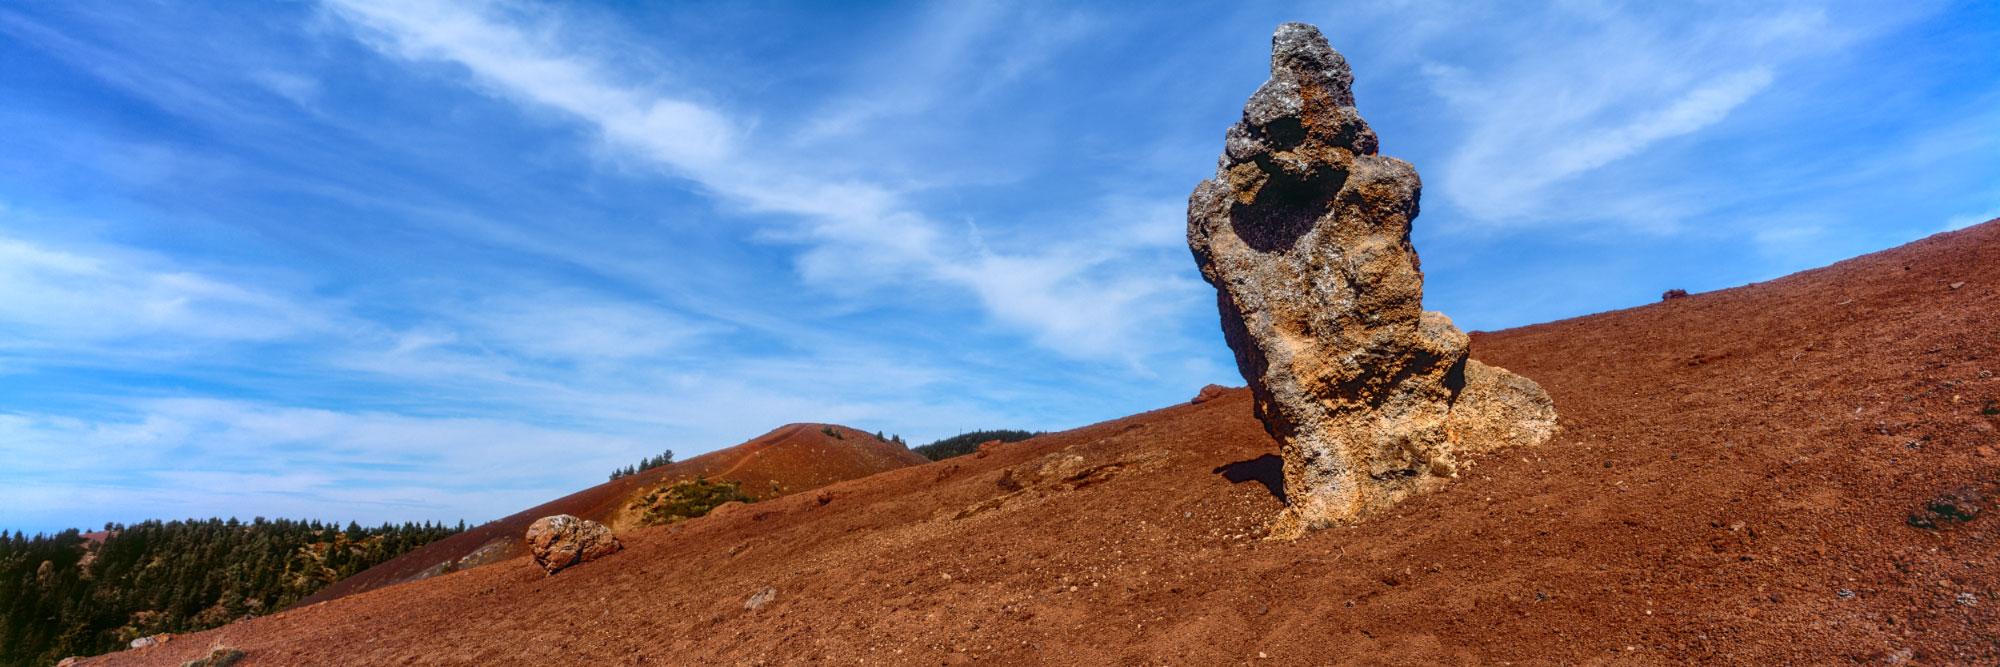 Puy de la Vache, bombe volcanique, Chaîne des Puys